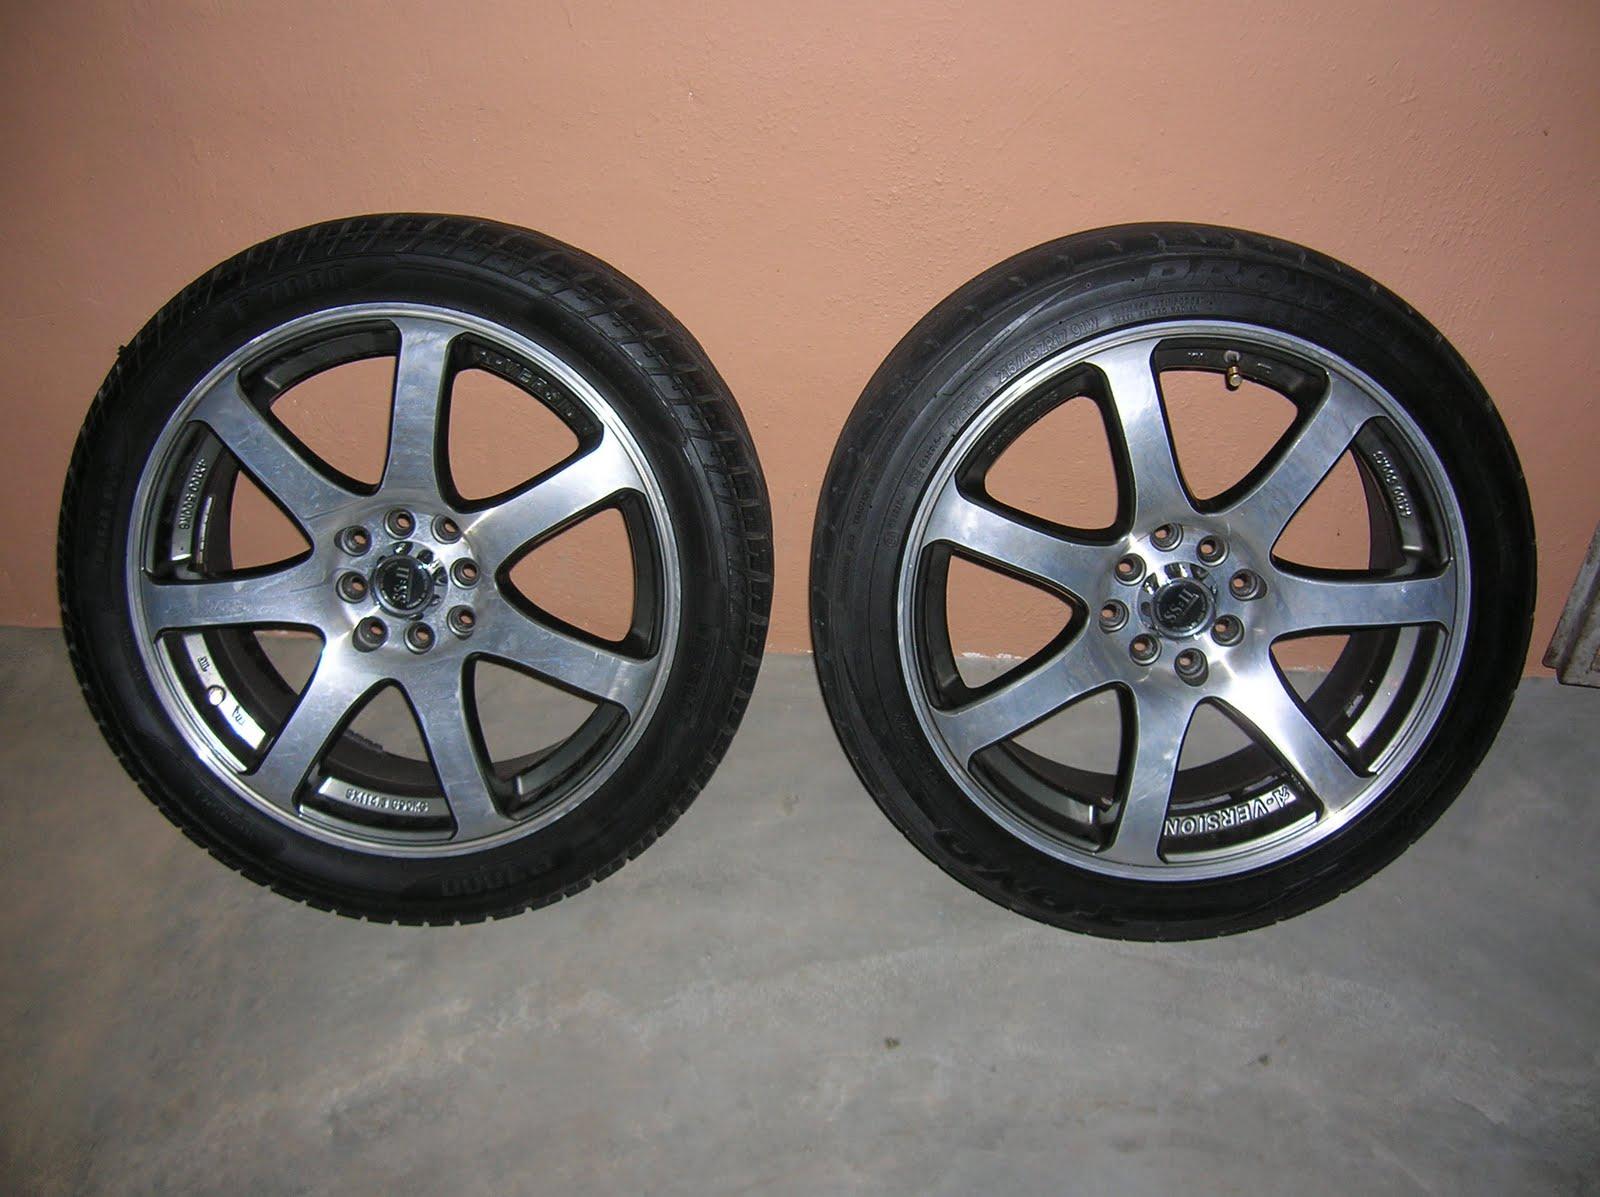 http://2.bp.blogspot.com/_9VDlsmpyoKM/S7Vr-mcclaI/AAAAAAAAARc/9s3xM1WYSDw/s1600/tyre+019.JPG